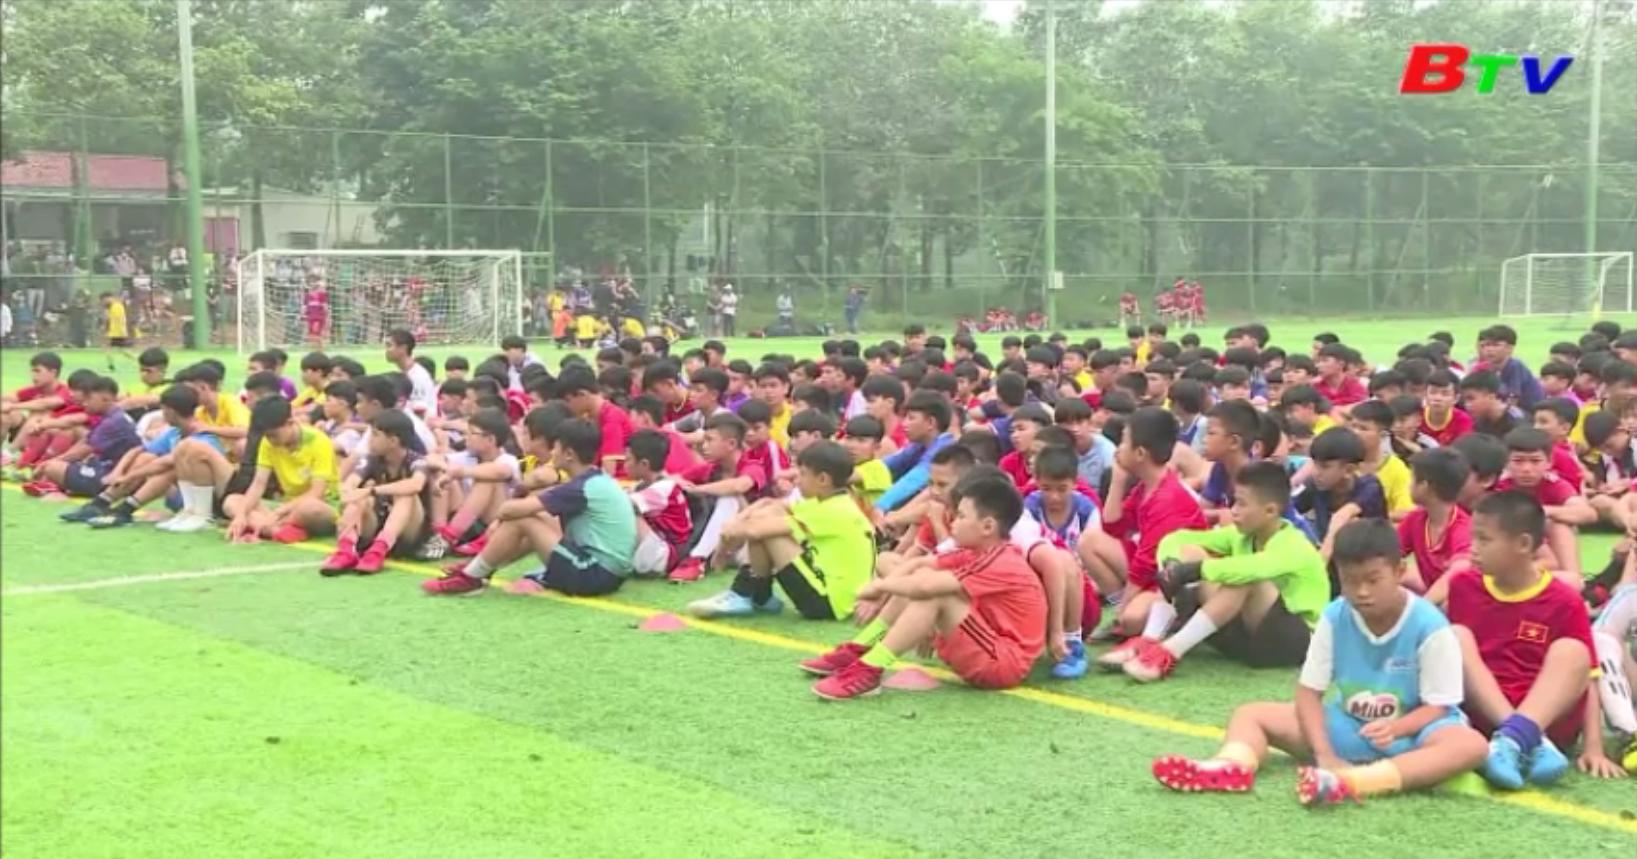 Tuyển sinh tài năng bóng đá trẻ CLB Becamex Bình Dương